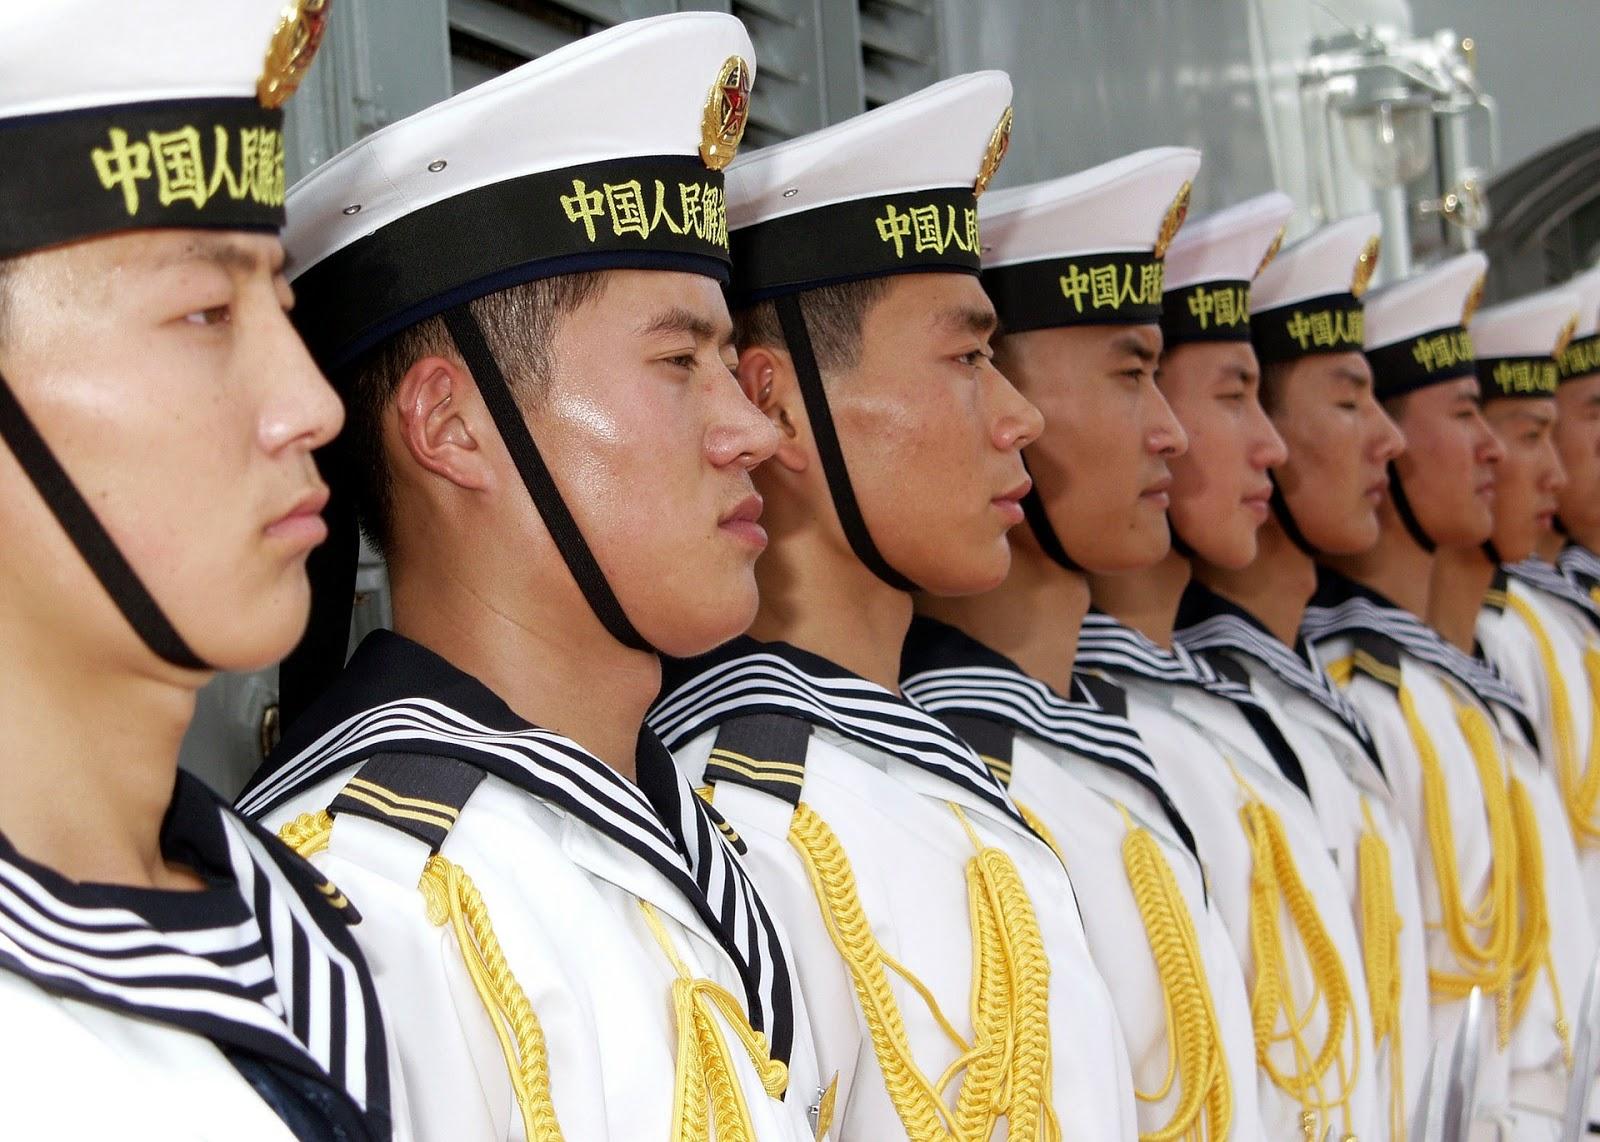 Une hausse continue du budget militaire chinois qui ne cesse d'inquiéter